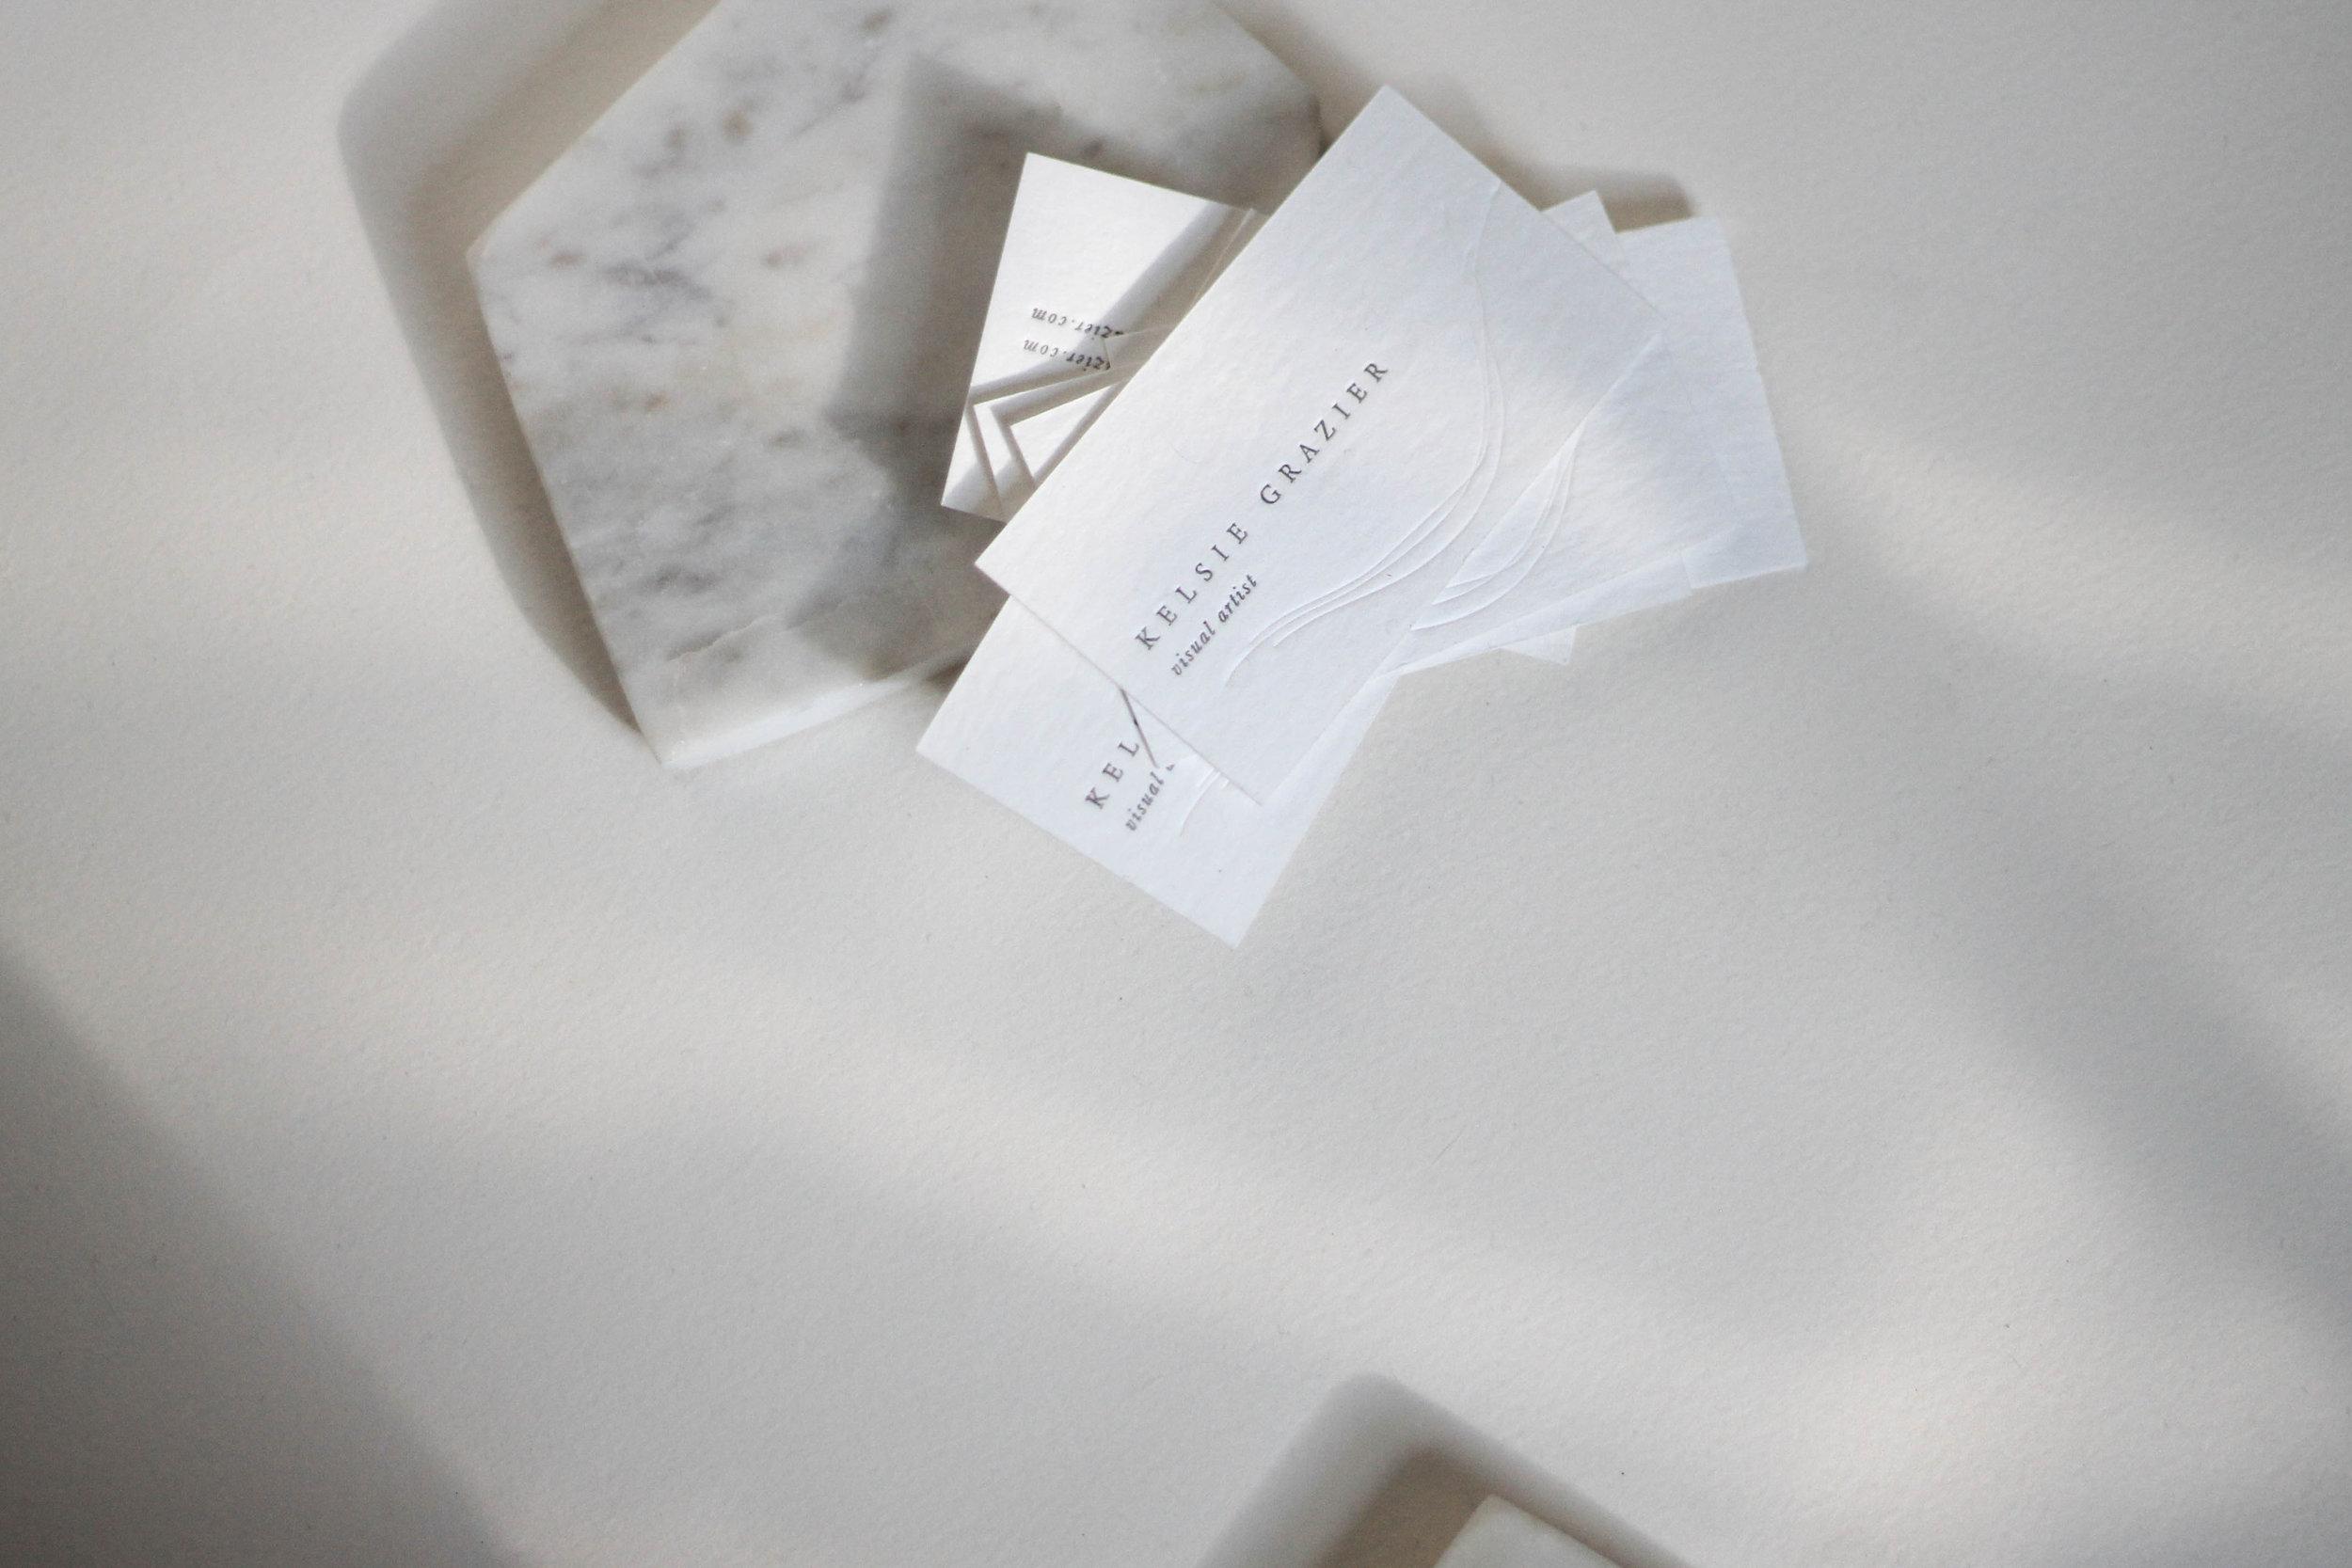 kelsie grazier/ logo & Branding design, in house letterpress printing